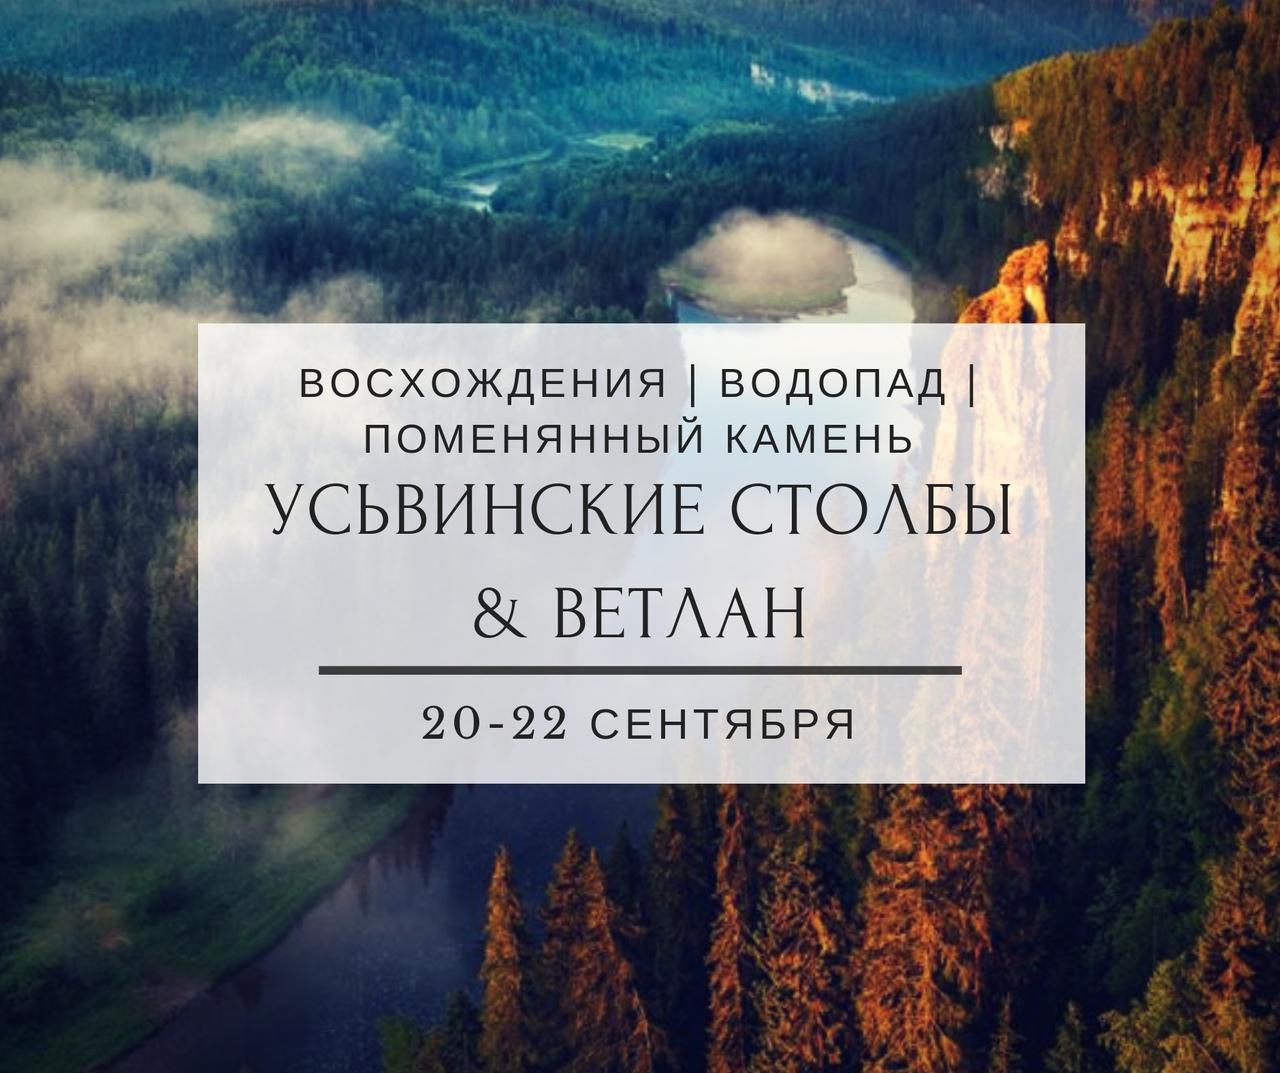 Афиша Тюмень УСЬВИНСКИЕ СТОЛБЫ / ВЕТЛАН / 20-22 СЕНТЯБРЯ